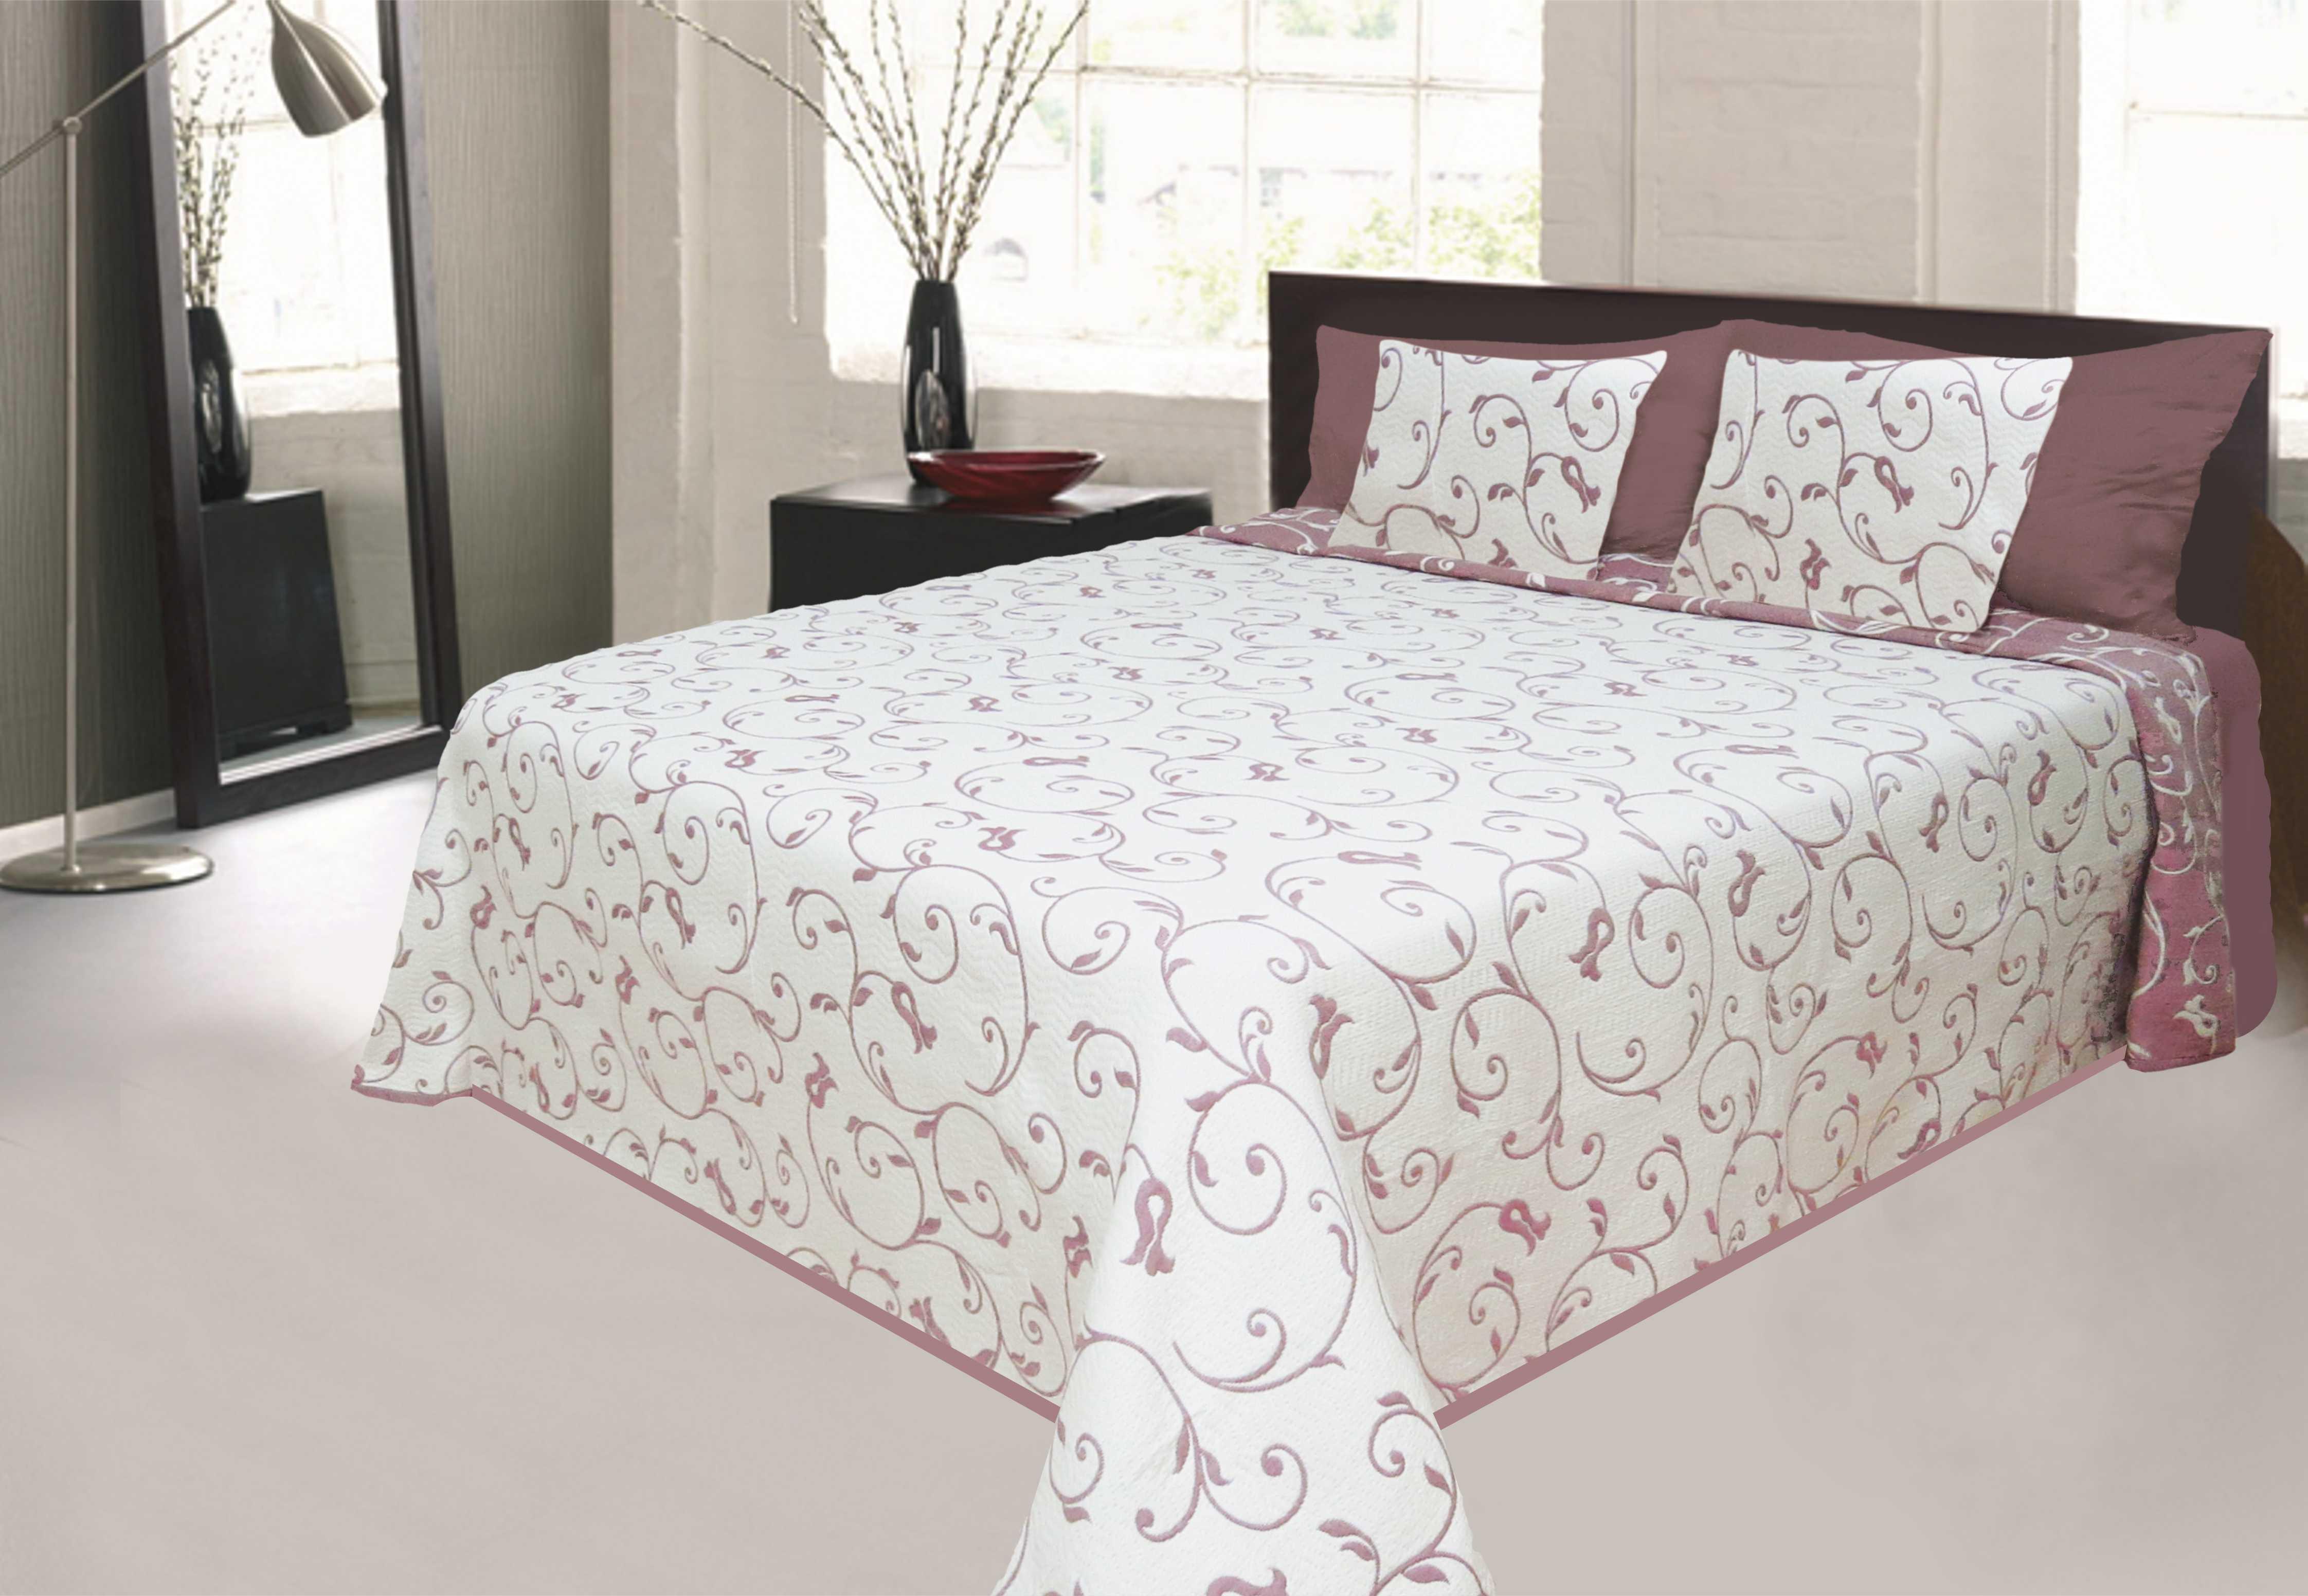 Přehoz přes postel je skvělý pomocník pro úklid i dekoraci